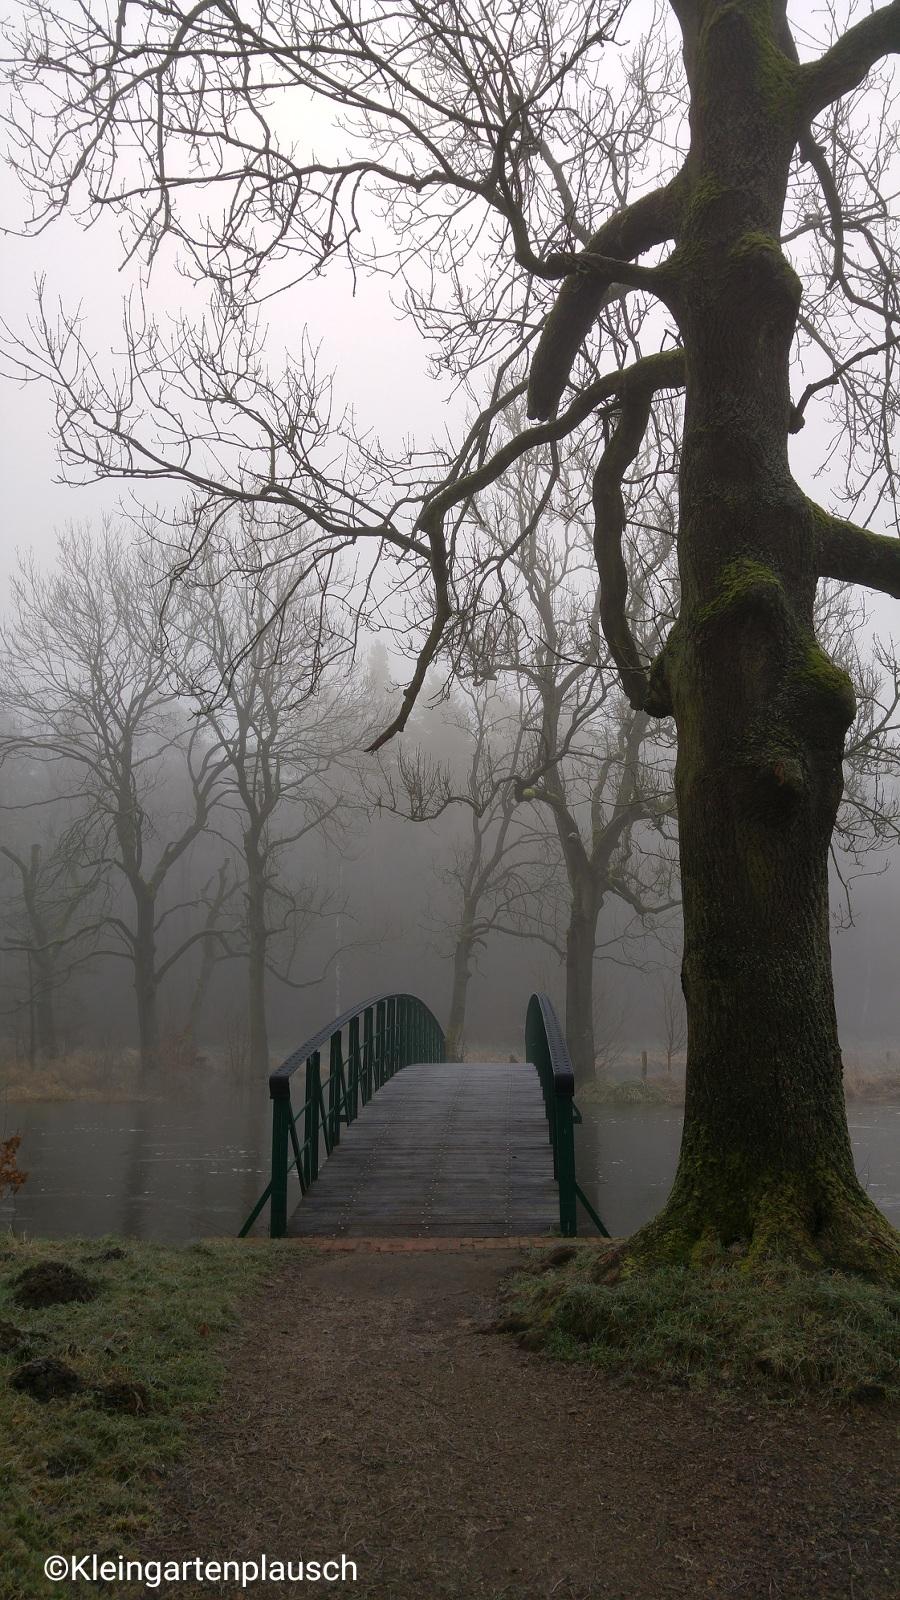 """Hier dachte ich, taucht gleich wirklich """"das Brückengespenst""""  aus dem Nebel auf: Mit der launigen Rezitation  des gleichnamigen Gedichts des Schweizers Carl Spitteler hat mich meine in hohem Maße gedichtsaffine Mutter als Kind oft genervt 😉. Mal googeln, es ist ganz niedlich..."""